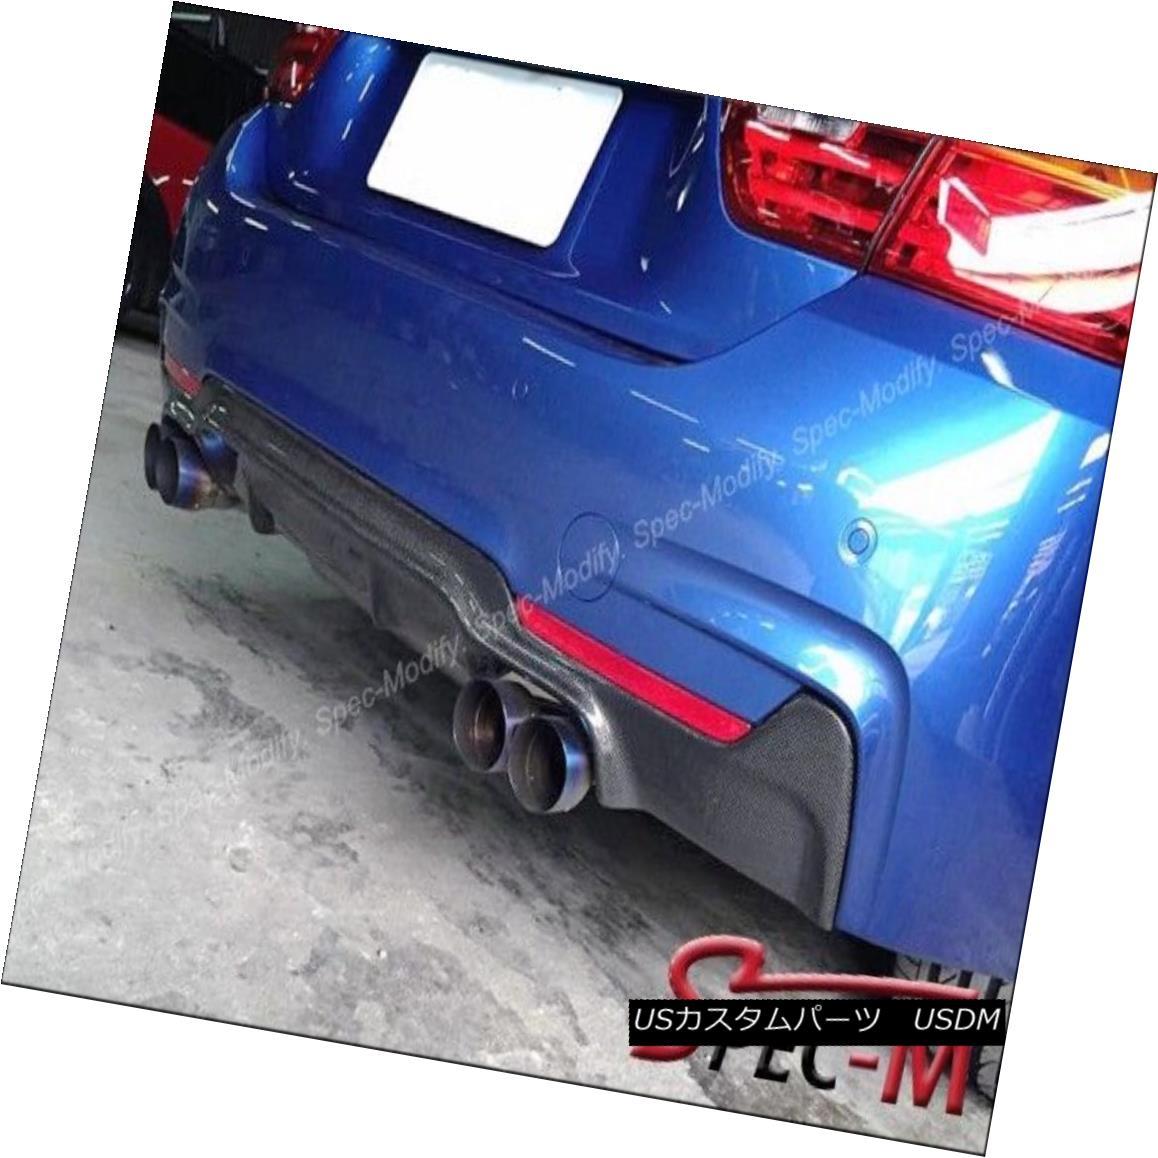 エアロパーツ 3D Type Carbon Fiber Diffuser Lip Fits F32 F33 420i 428i 435i w/ M Sport Bumper 3DタイプカーボンファイバーディフューザーリップフィットF32 F33 420i 428i 435i w / Mスポーツバンパー